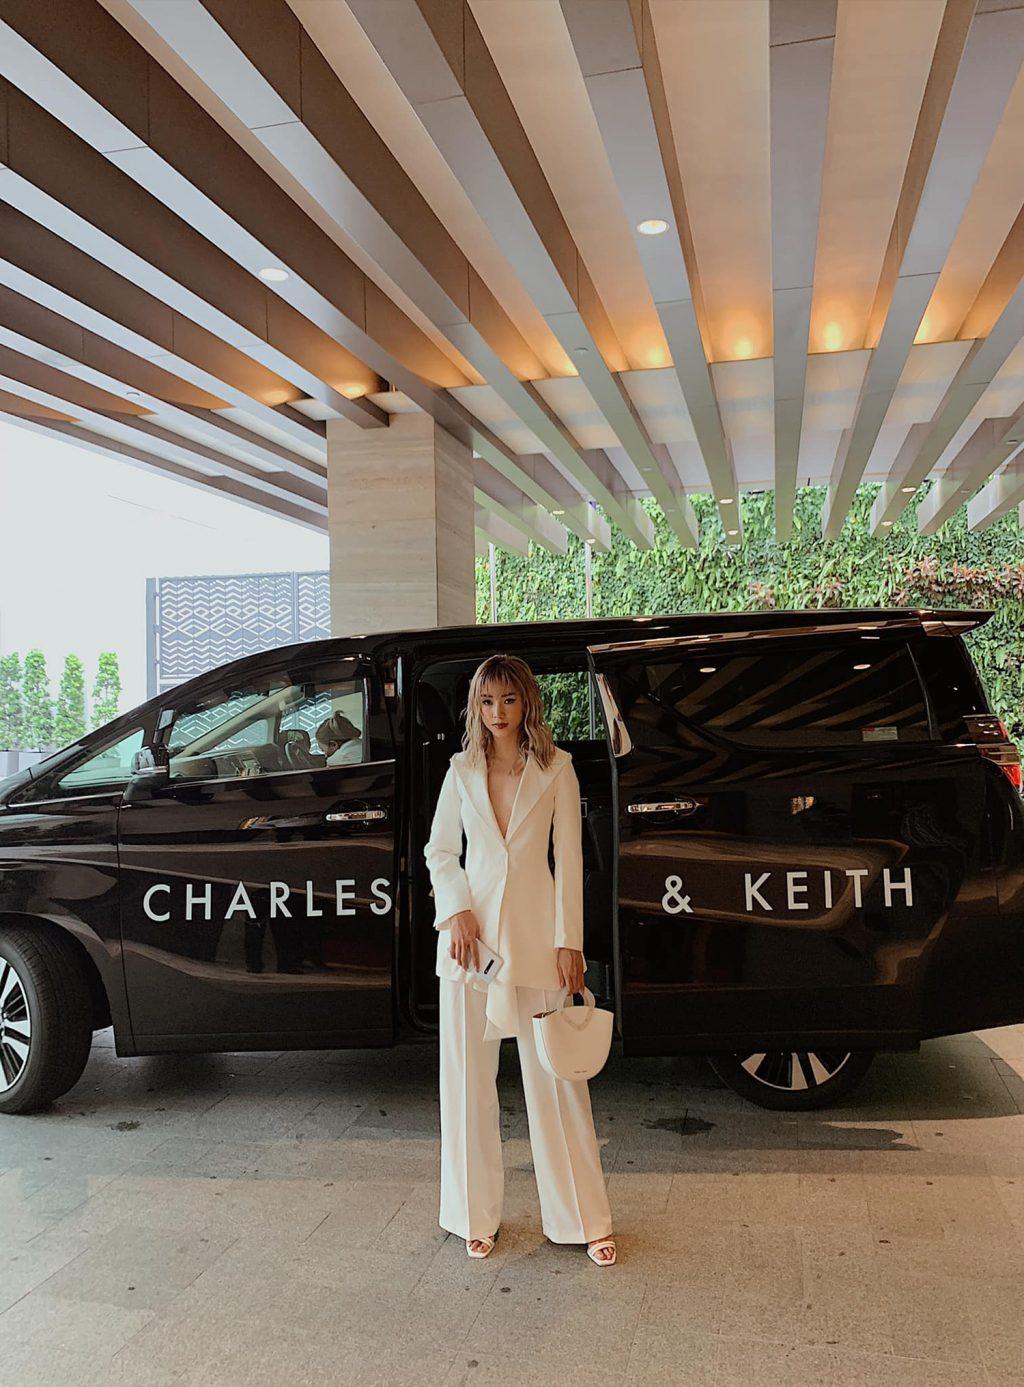 sự kiện Charles & Keith